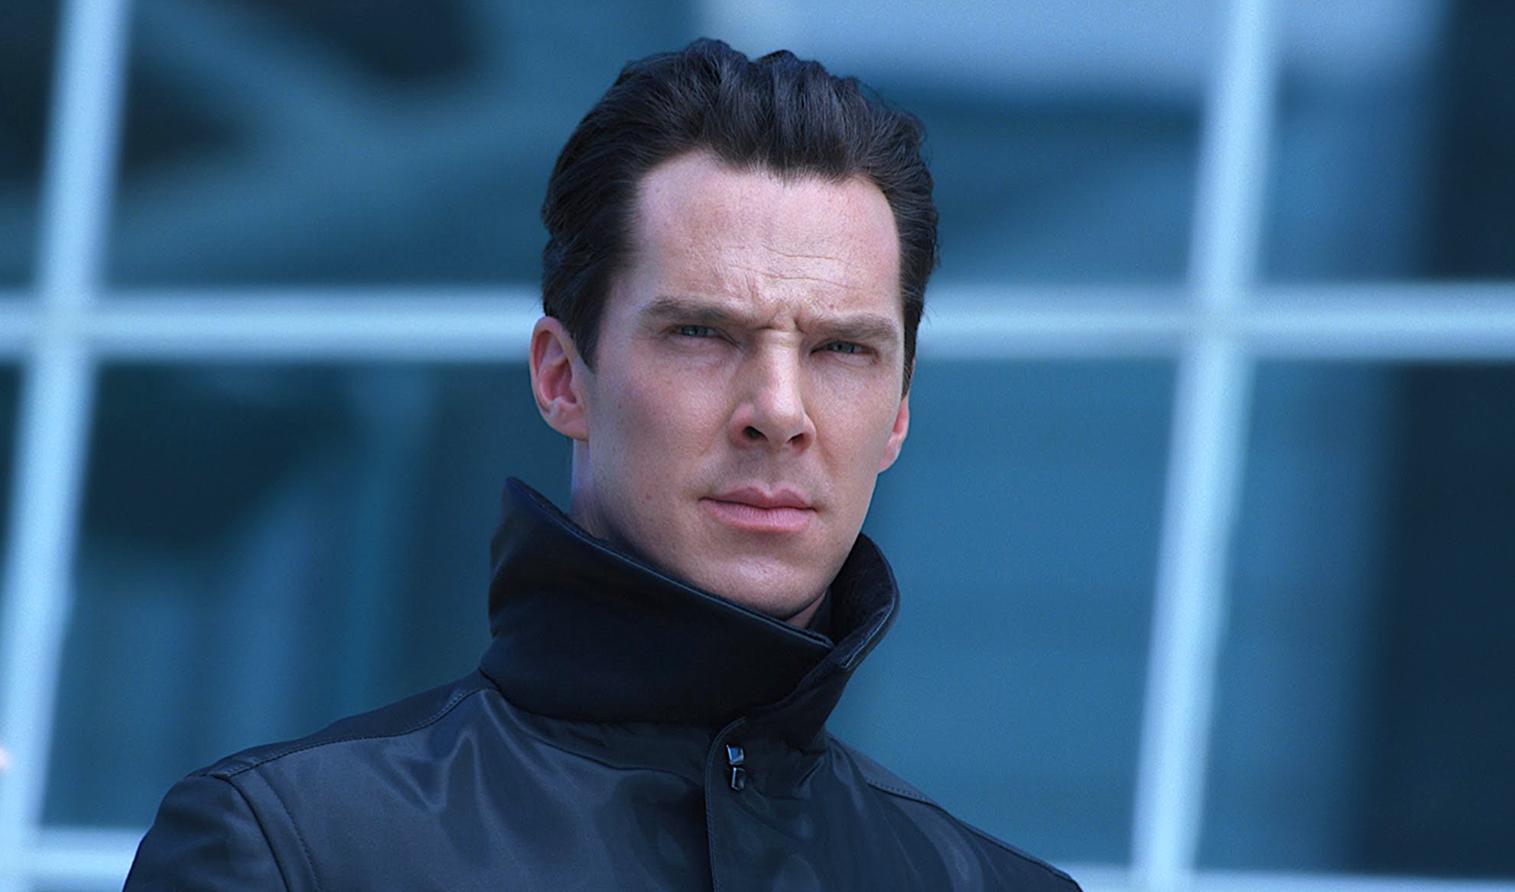 科學家蓋章 !  告訴你為什麼英國演員就是適合演壞蛋首圖